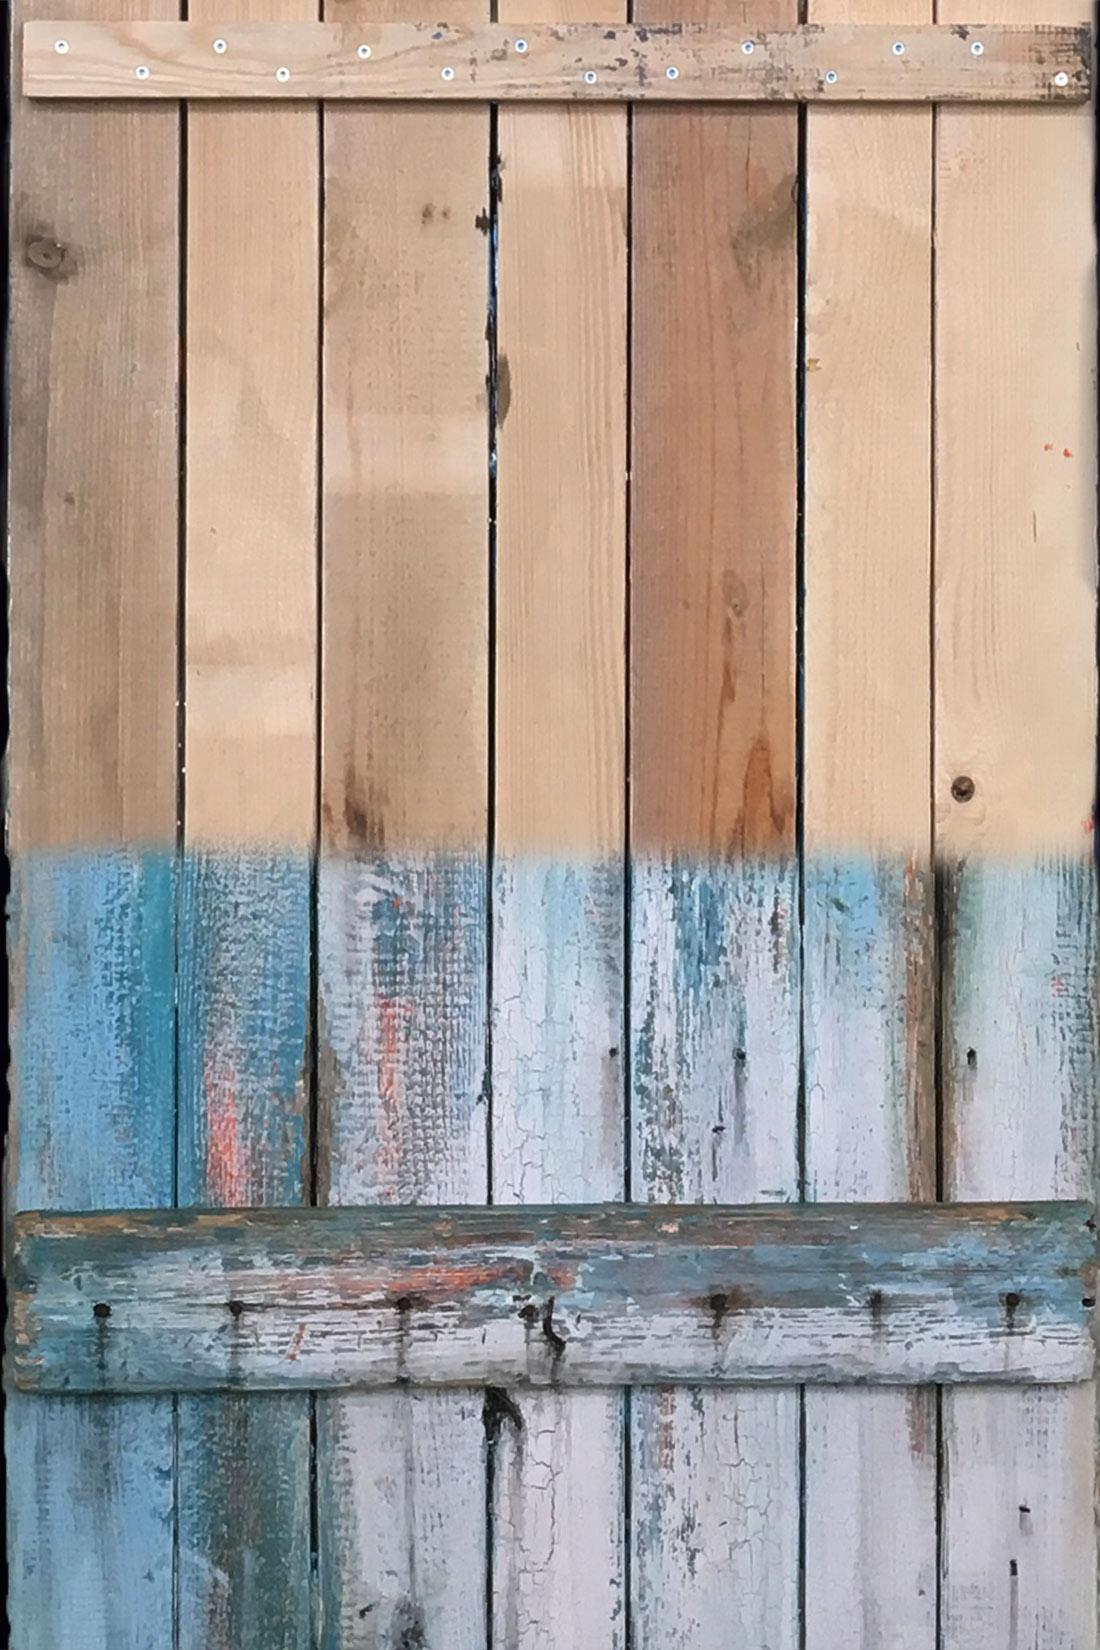 Holzbalken in der Bearbeitung: Unten hellblau gestrichene, verblichene Farbe und angegriffenes Holz, oben unbehandelt